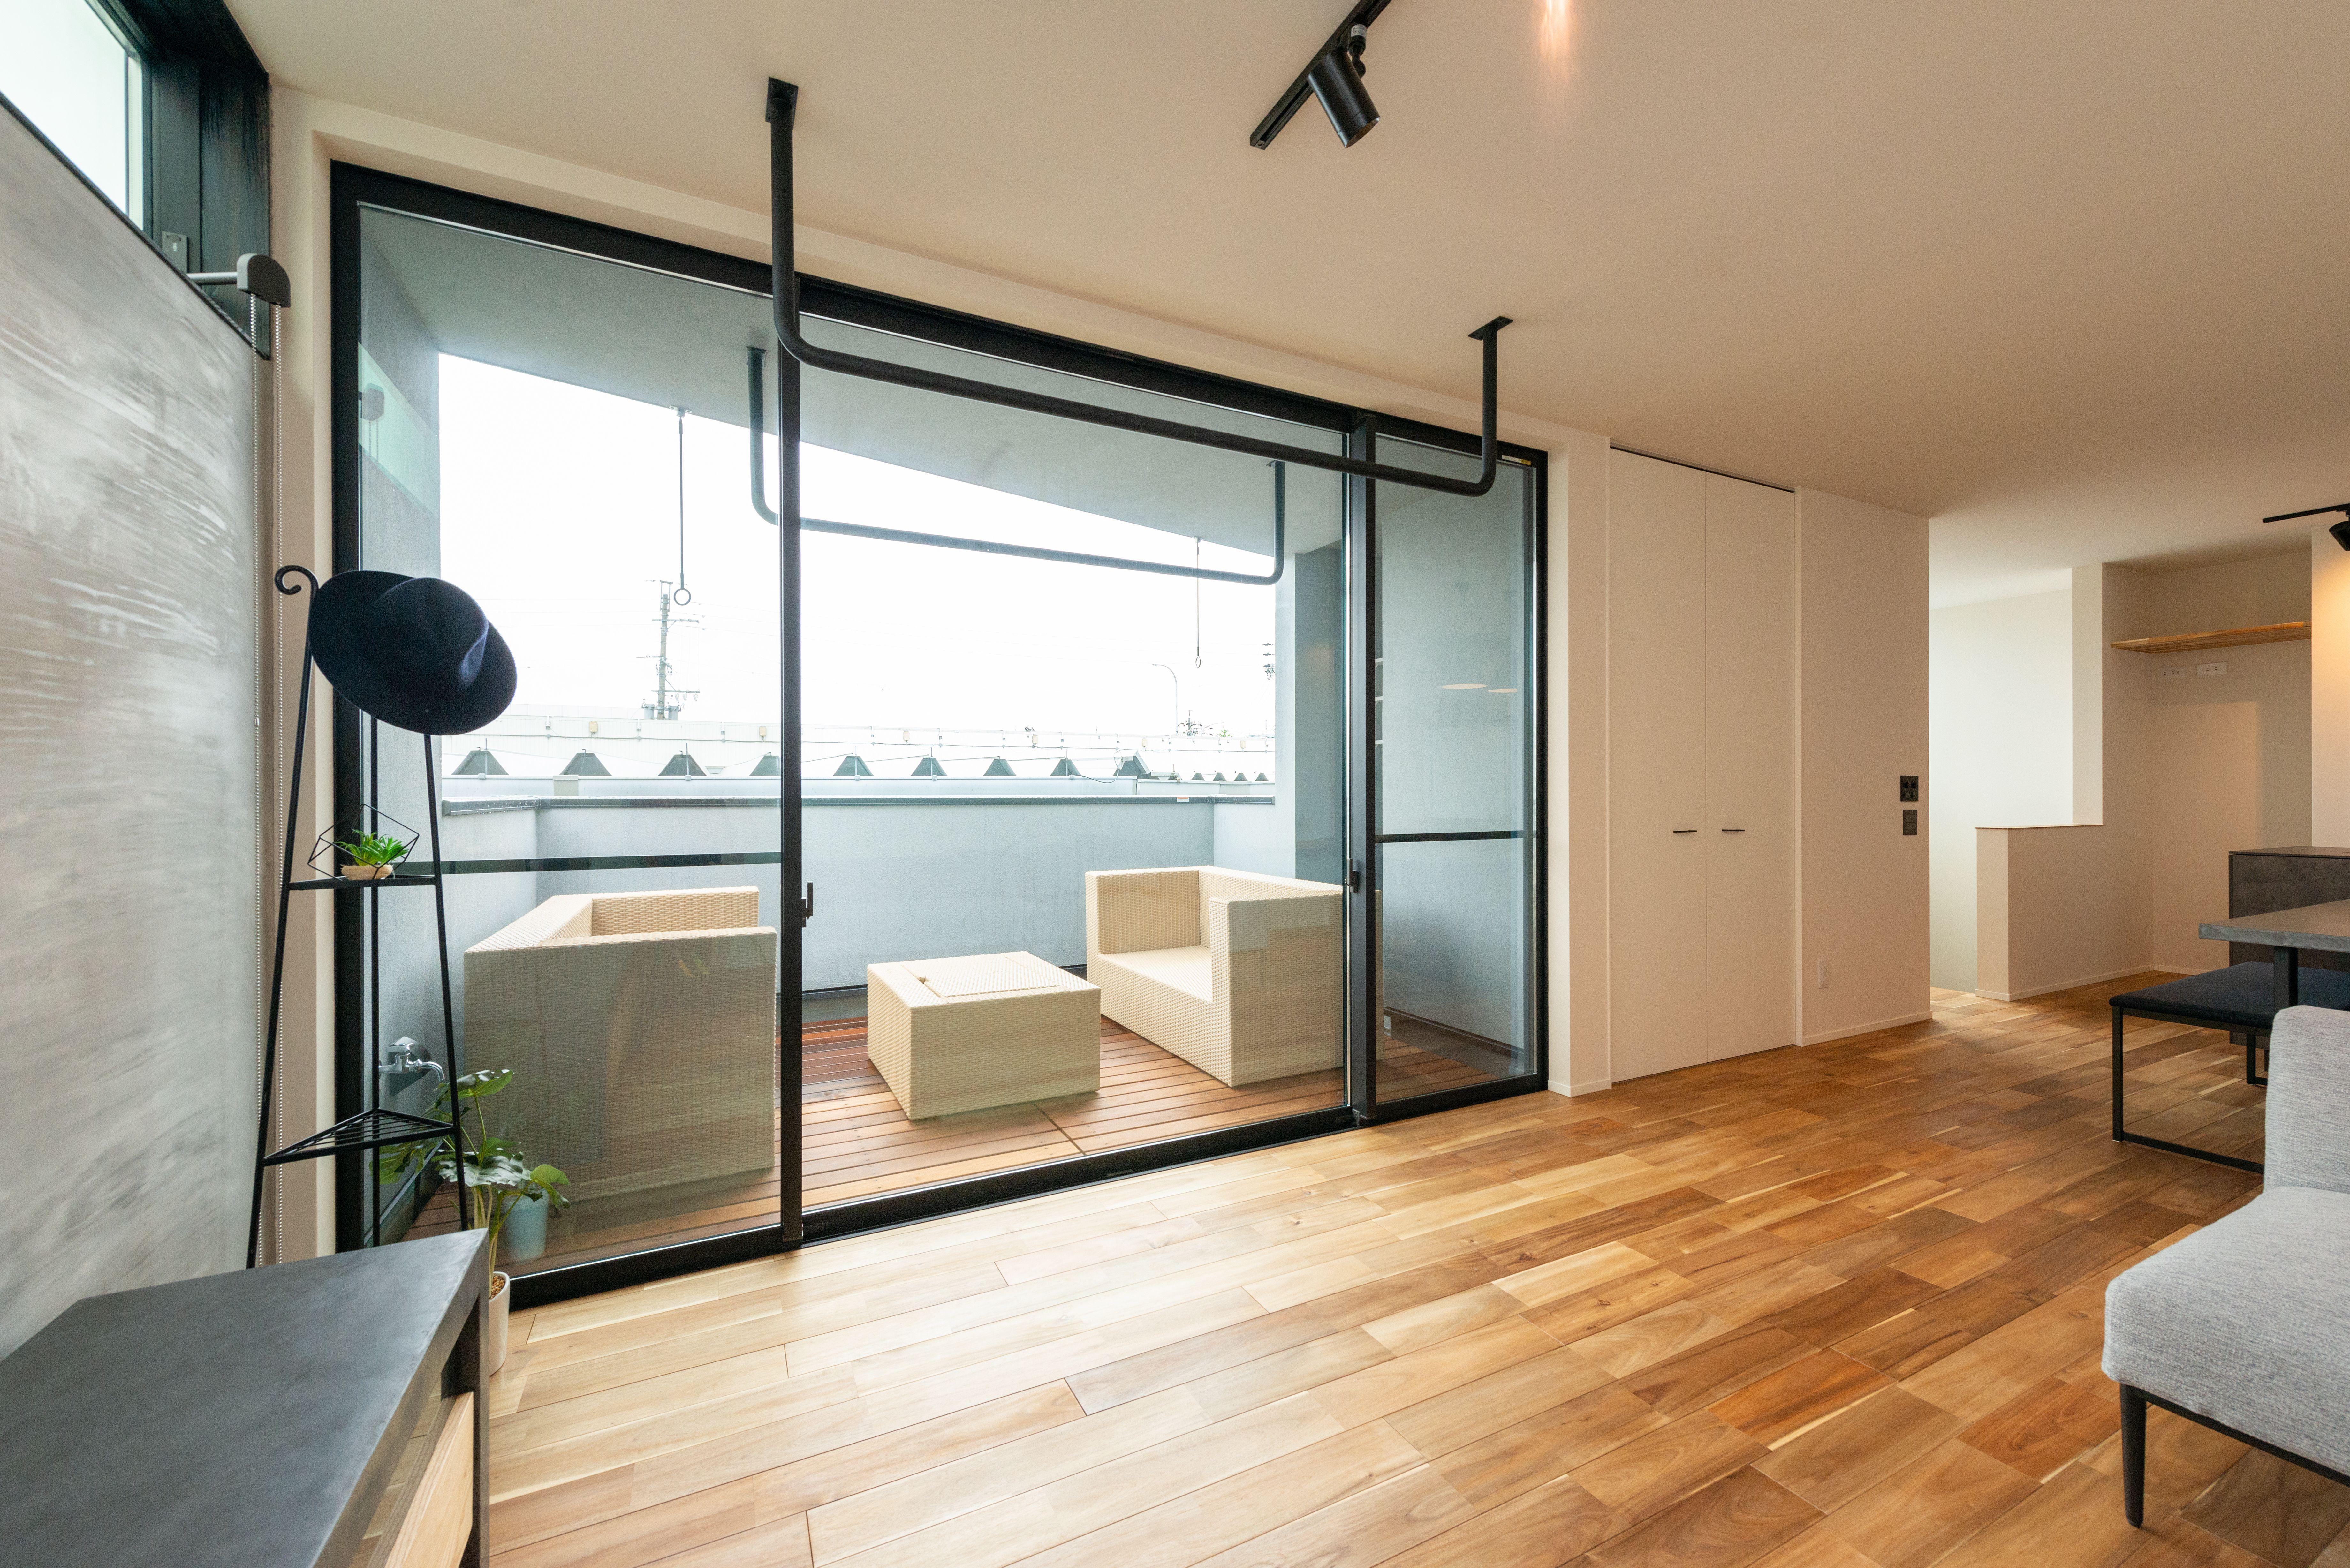 プライベート空間を楽しむ家 フォトギャラリー 注文住宅の工務店なら